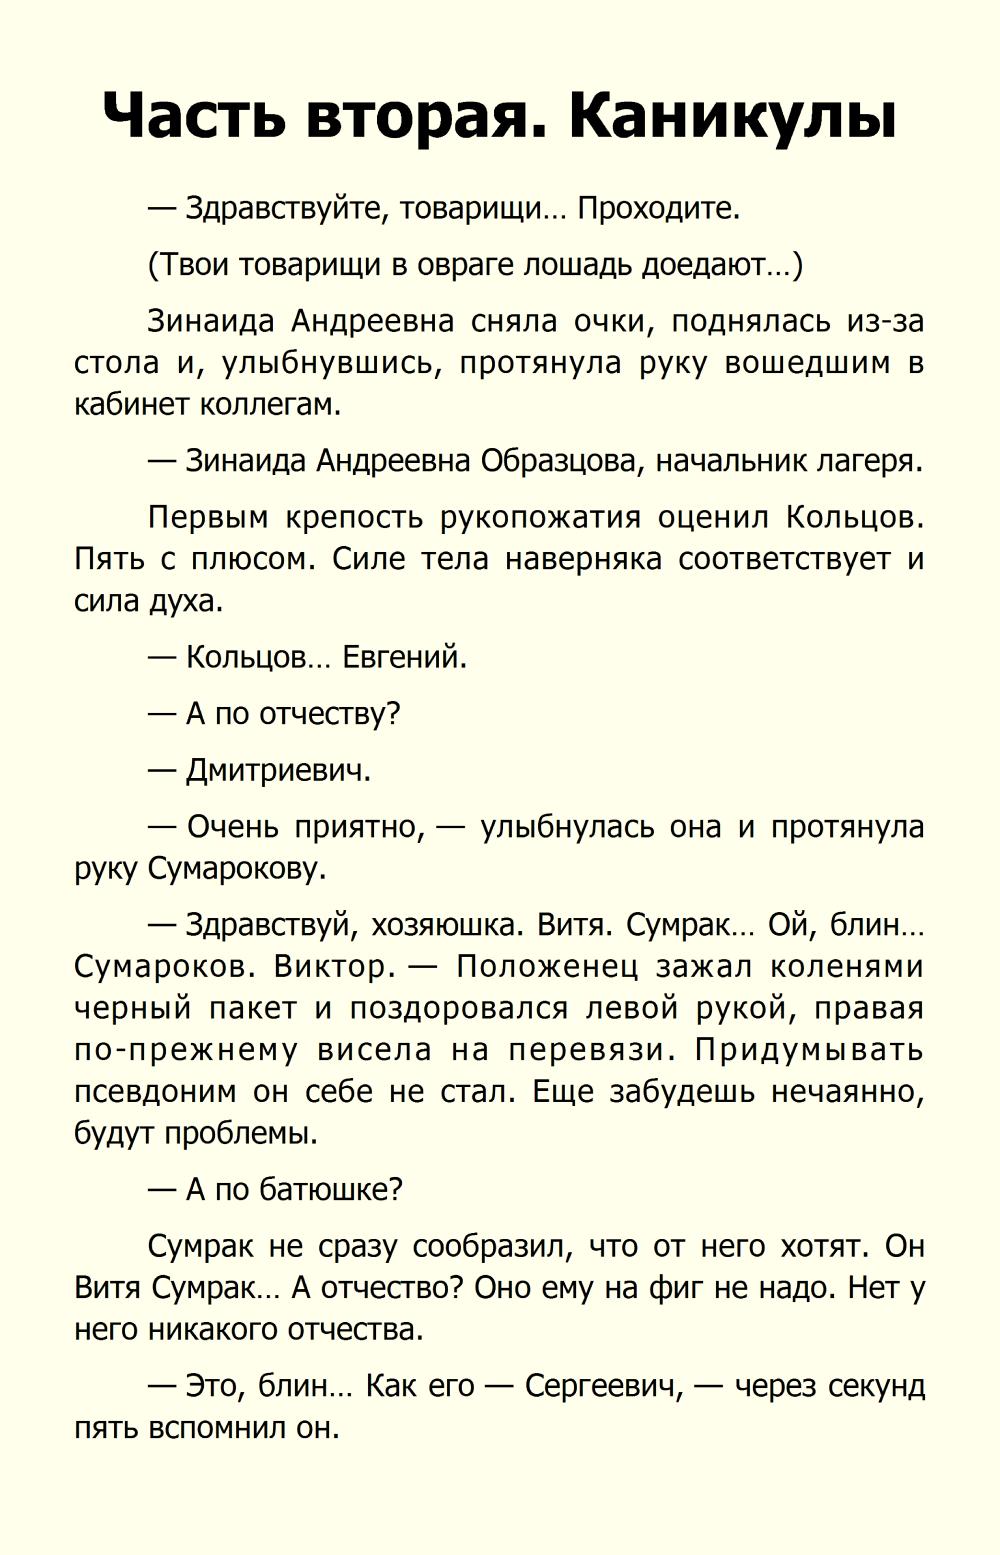 http://i1.imageban.ru/out/2013/11/06/7a750e2cbbd32fbca68acc2b01bf54ca.jpg